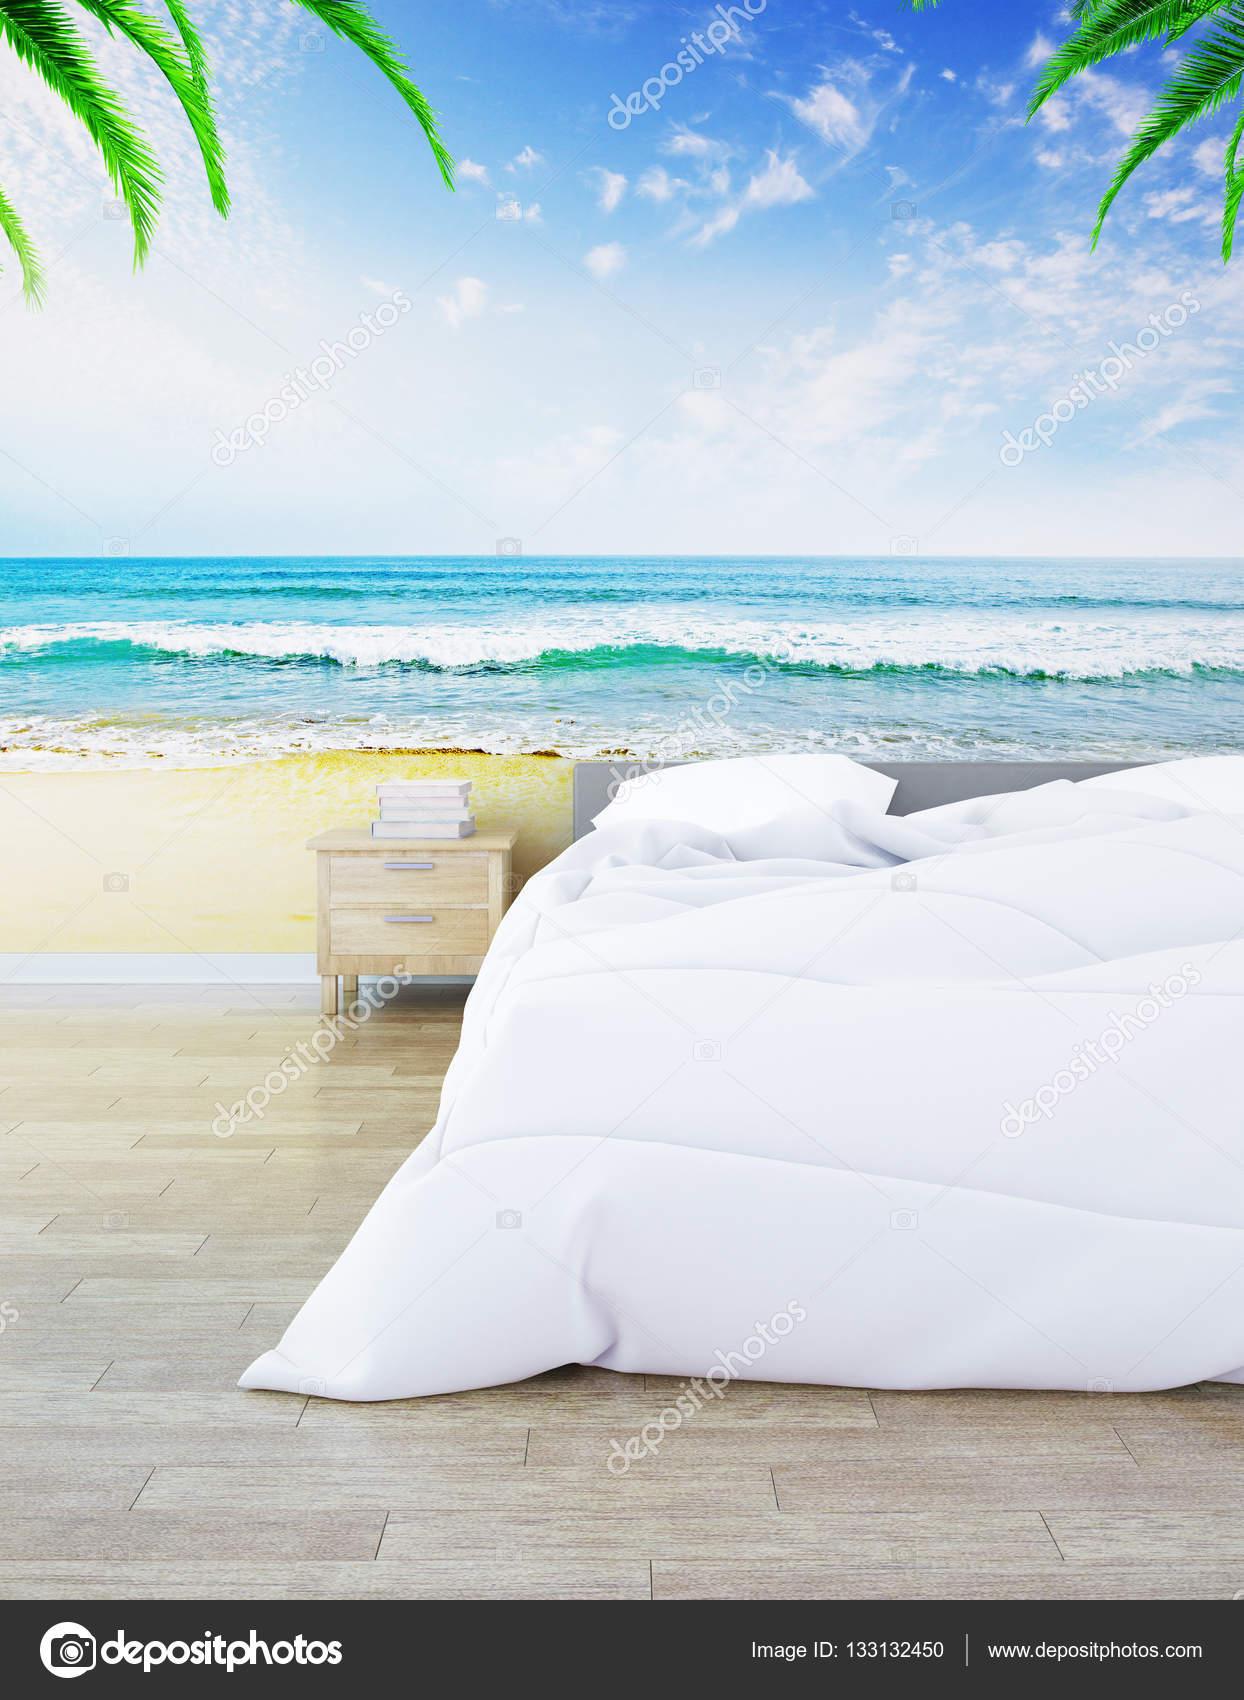 Kreative Hipster Schlafzimmer Mit Parkettboden Und Riesigen Strand Bild An  Wand Innenraum. 3D Rendering U2014 Foto Von Peshkov